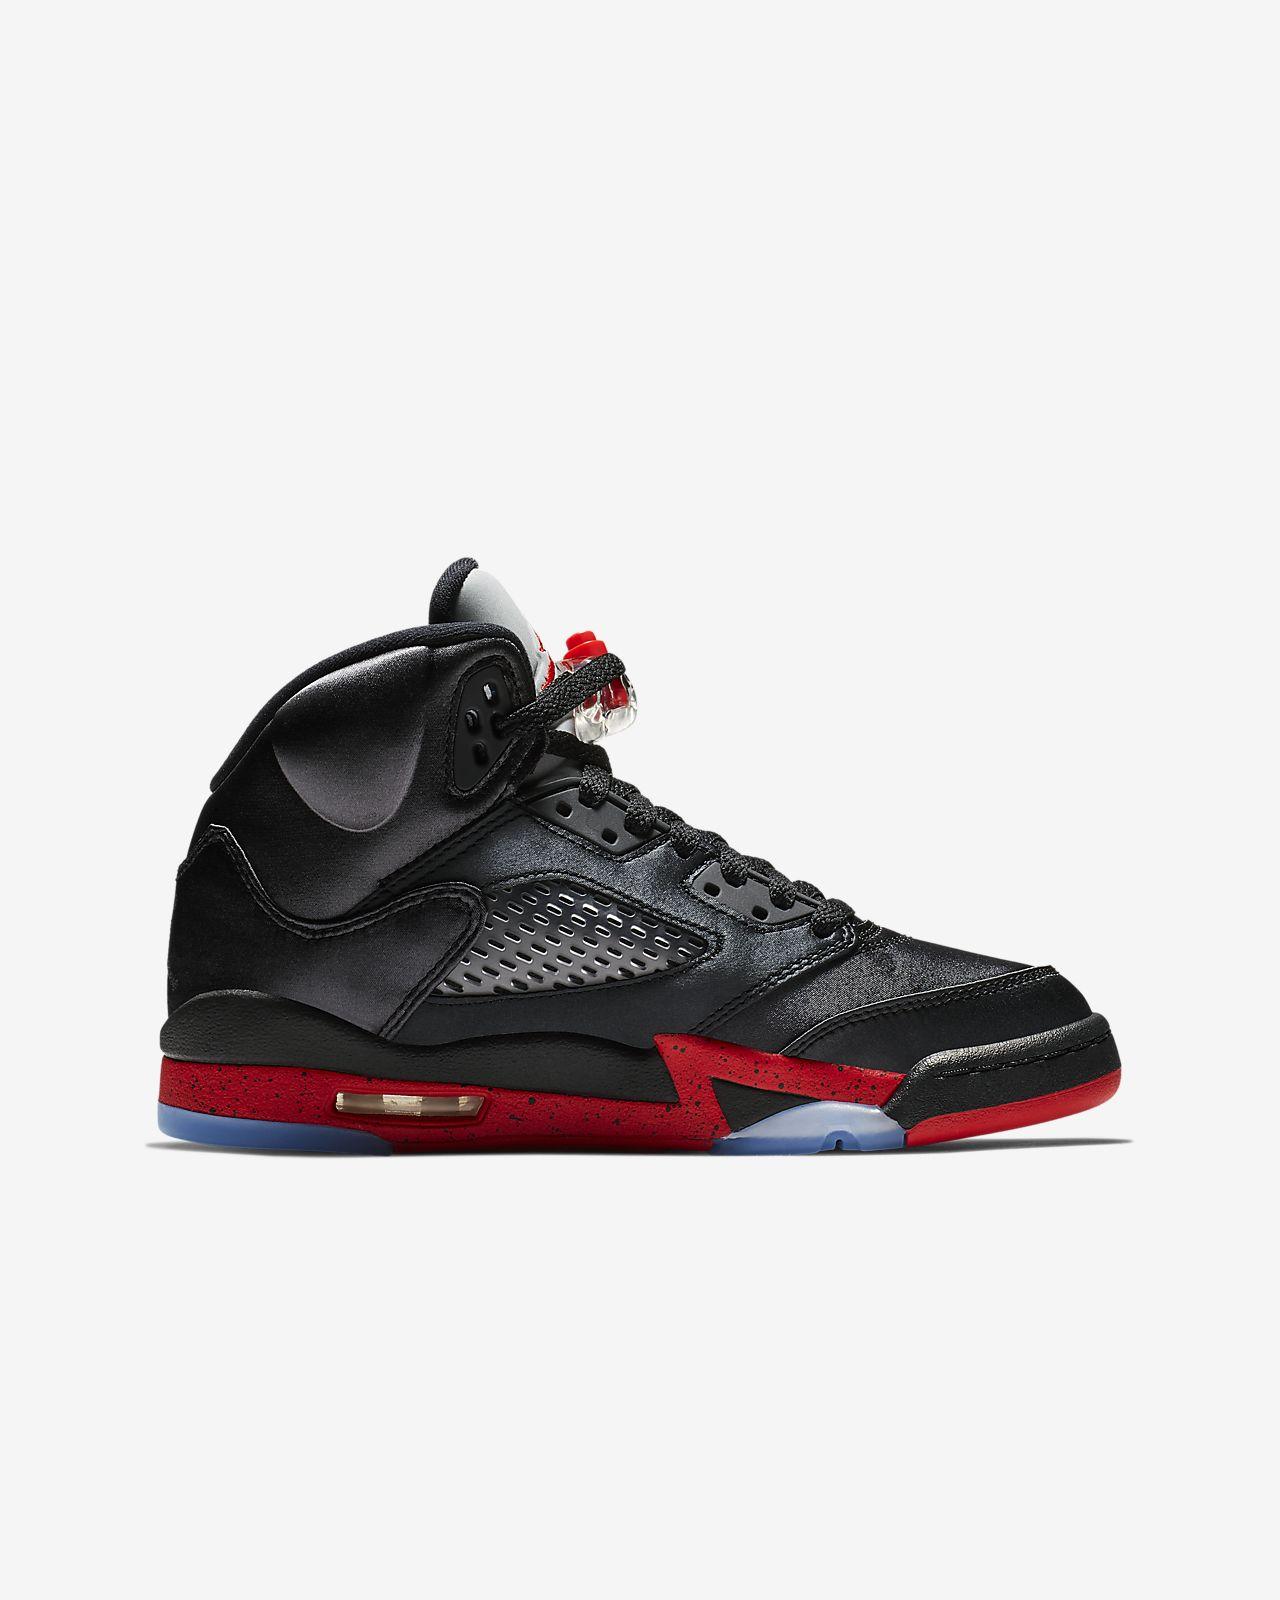 check out 1a981 9fe13 ... Sko Air Jordan 5 Retro för ungdom